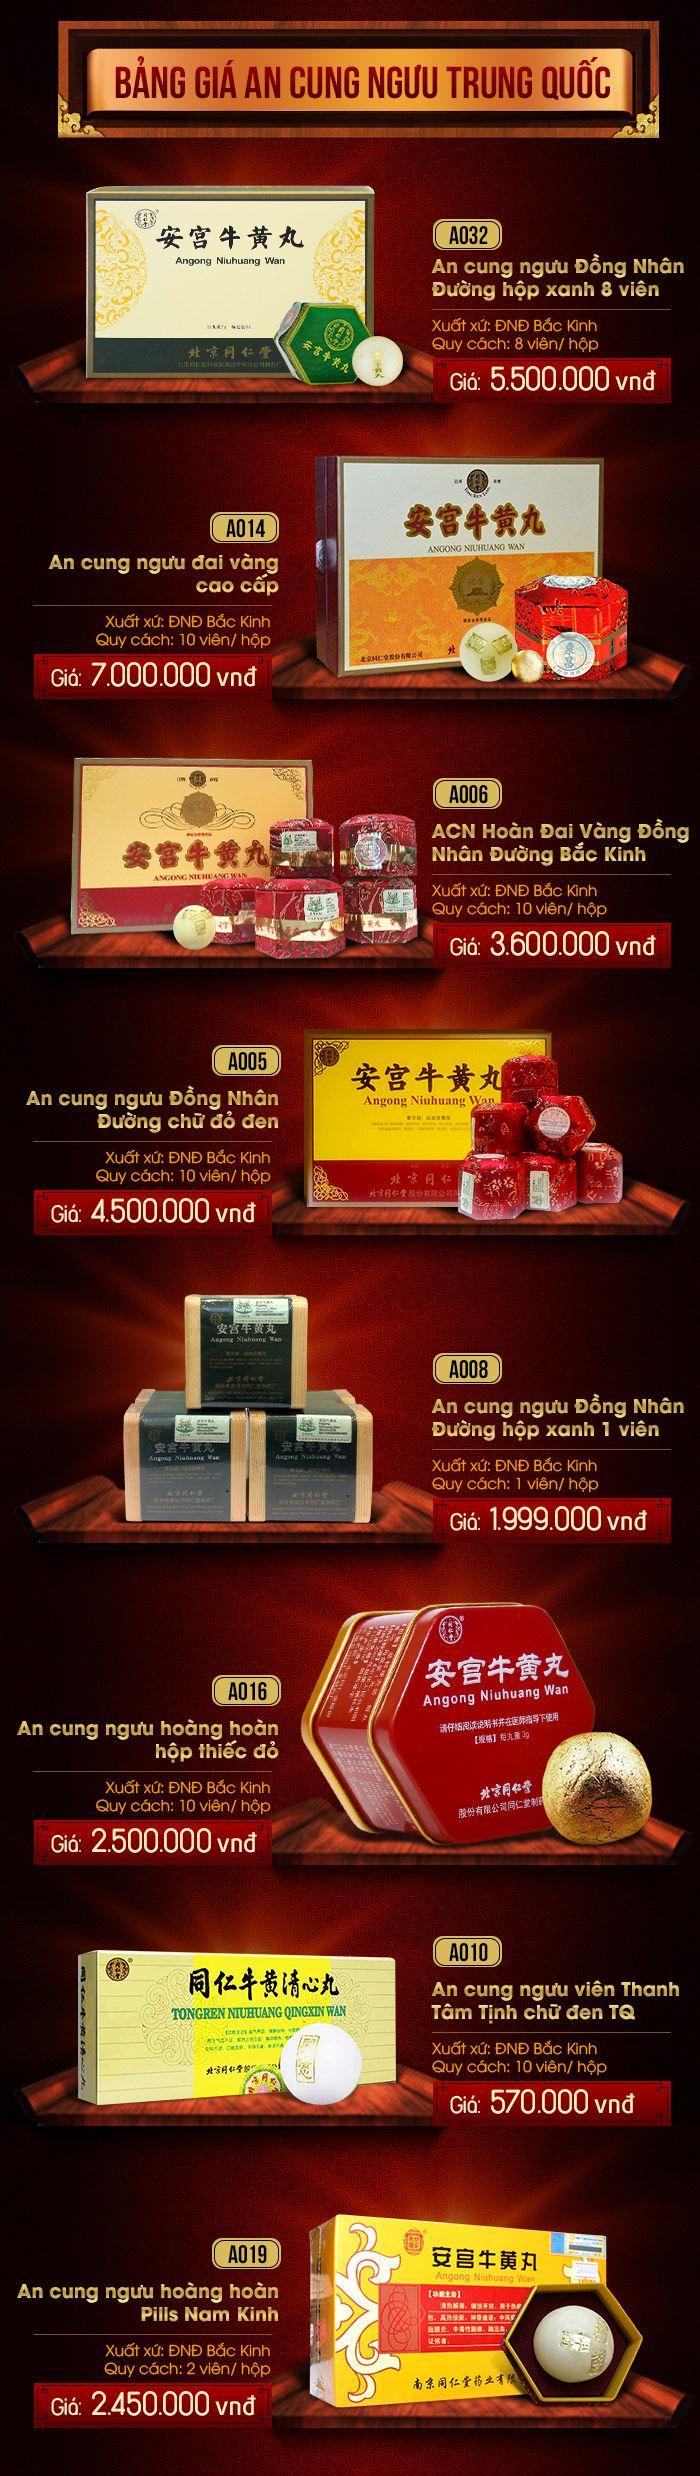 Các sản phẩm an cung ngưu hoàng Trung Quốc được sử dụng nhiều nhất